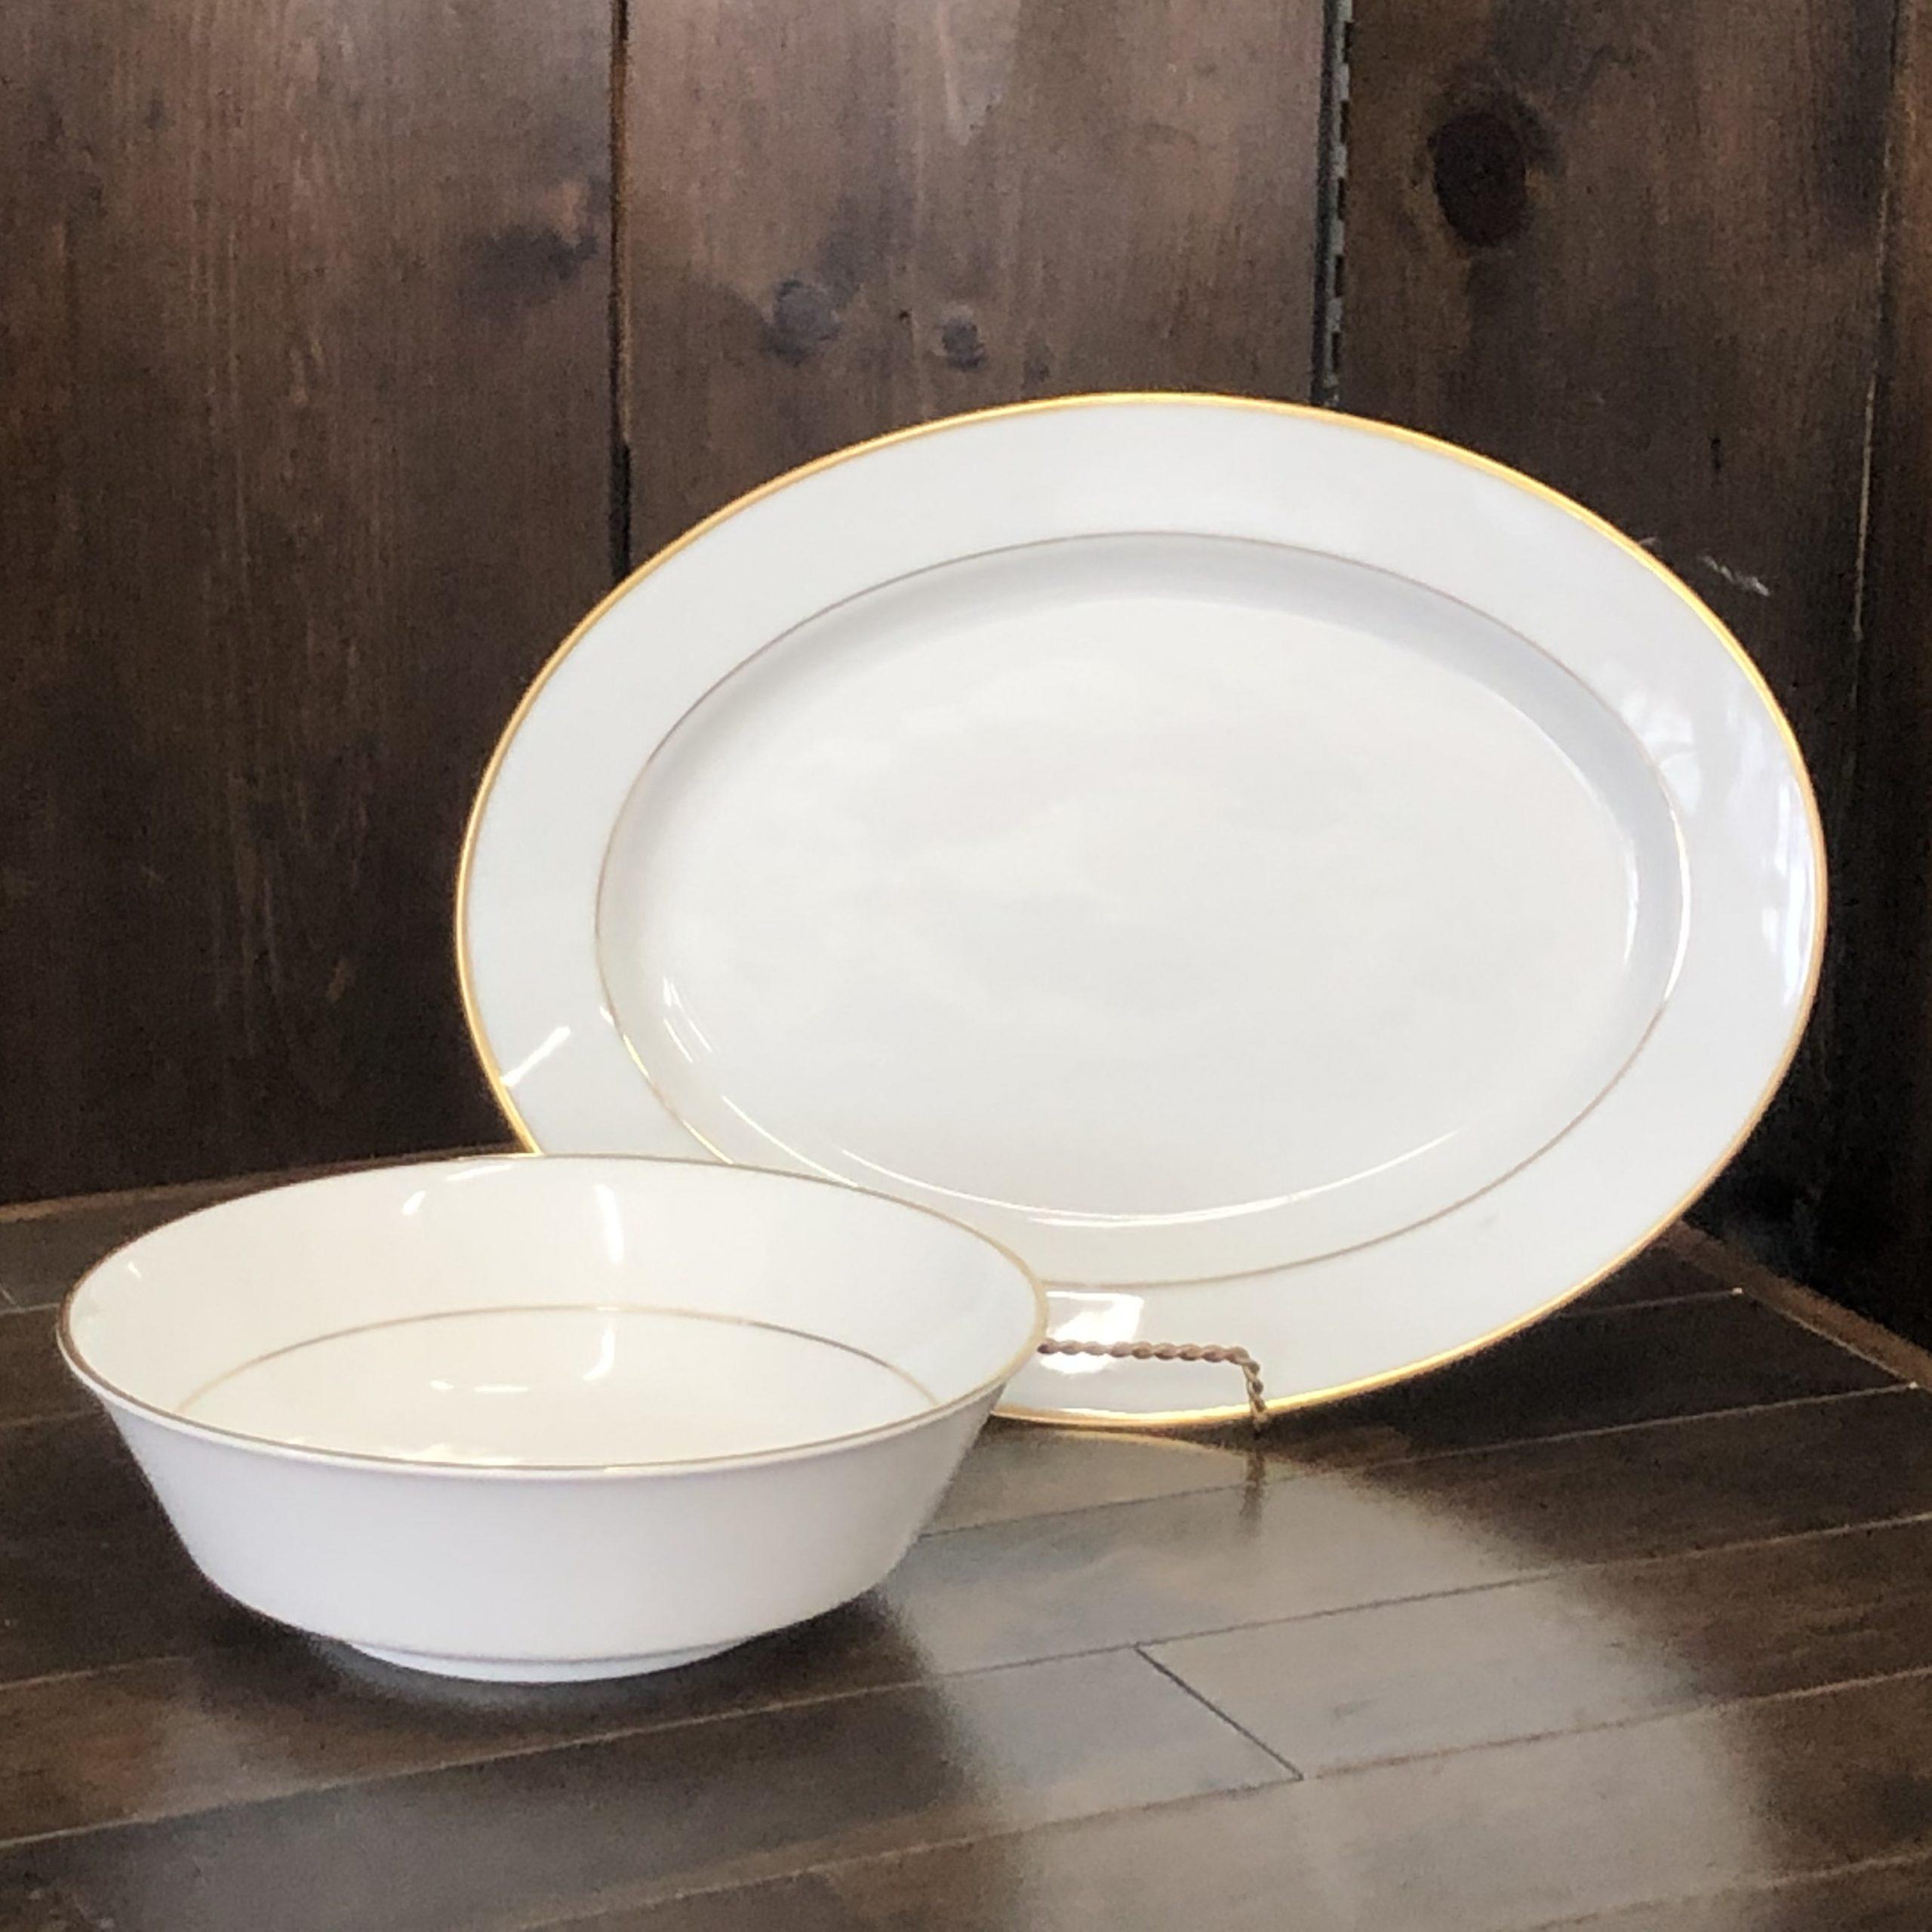 Noritake Serving Bowls & Meat Platters Image